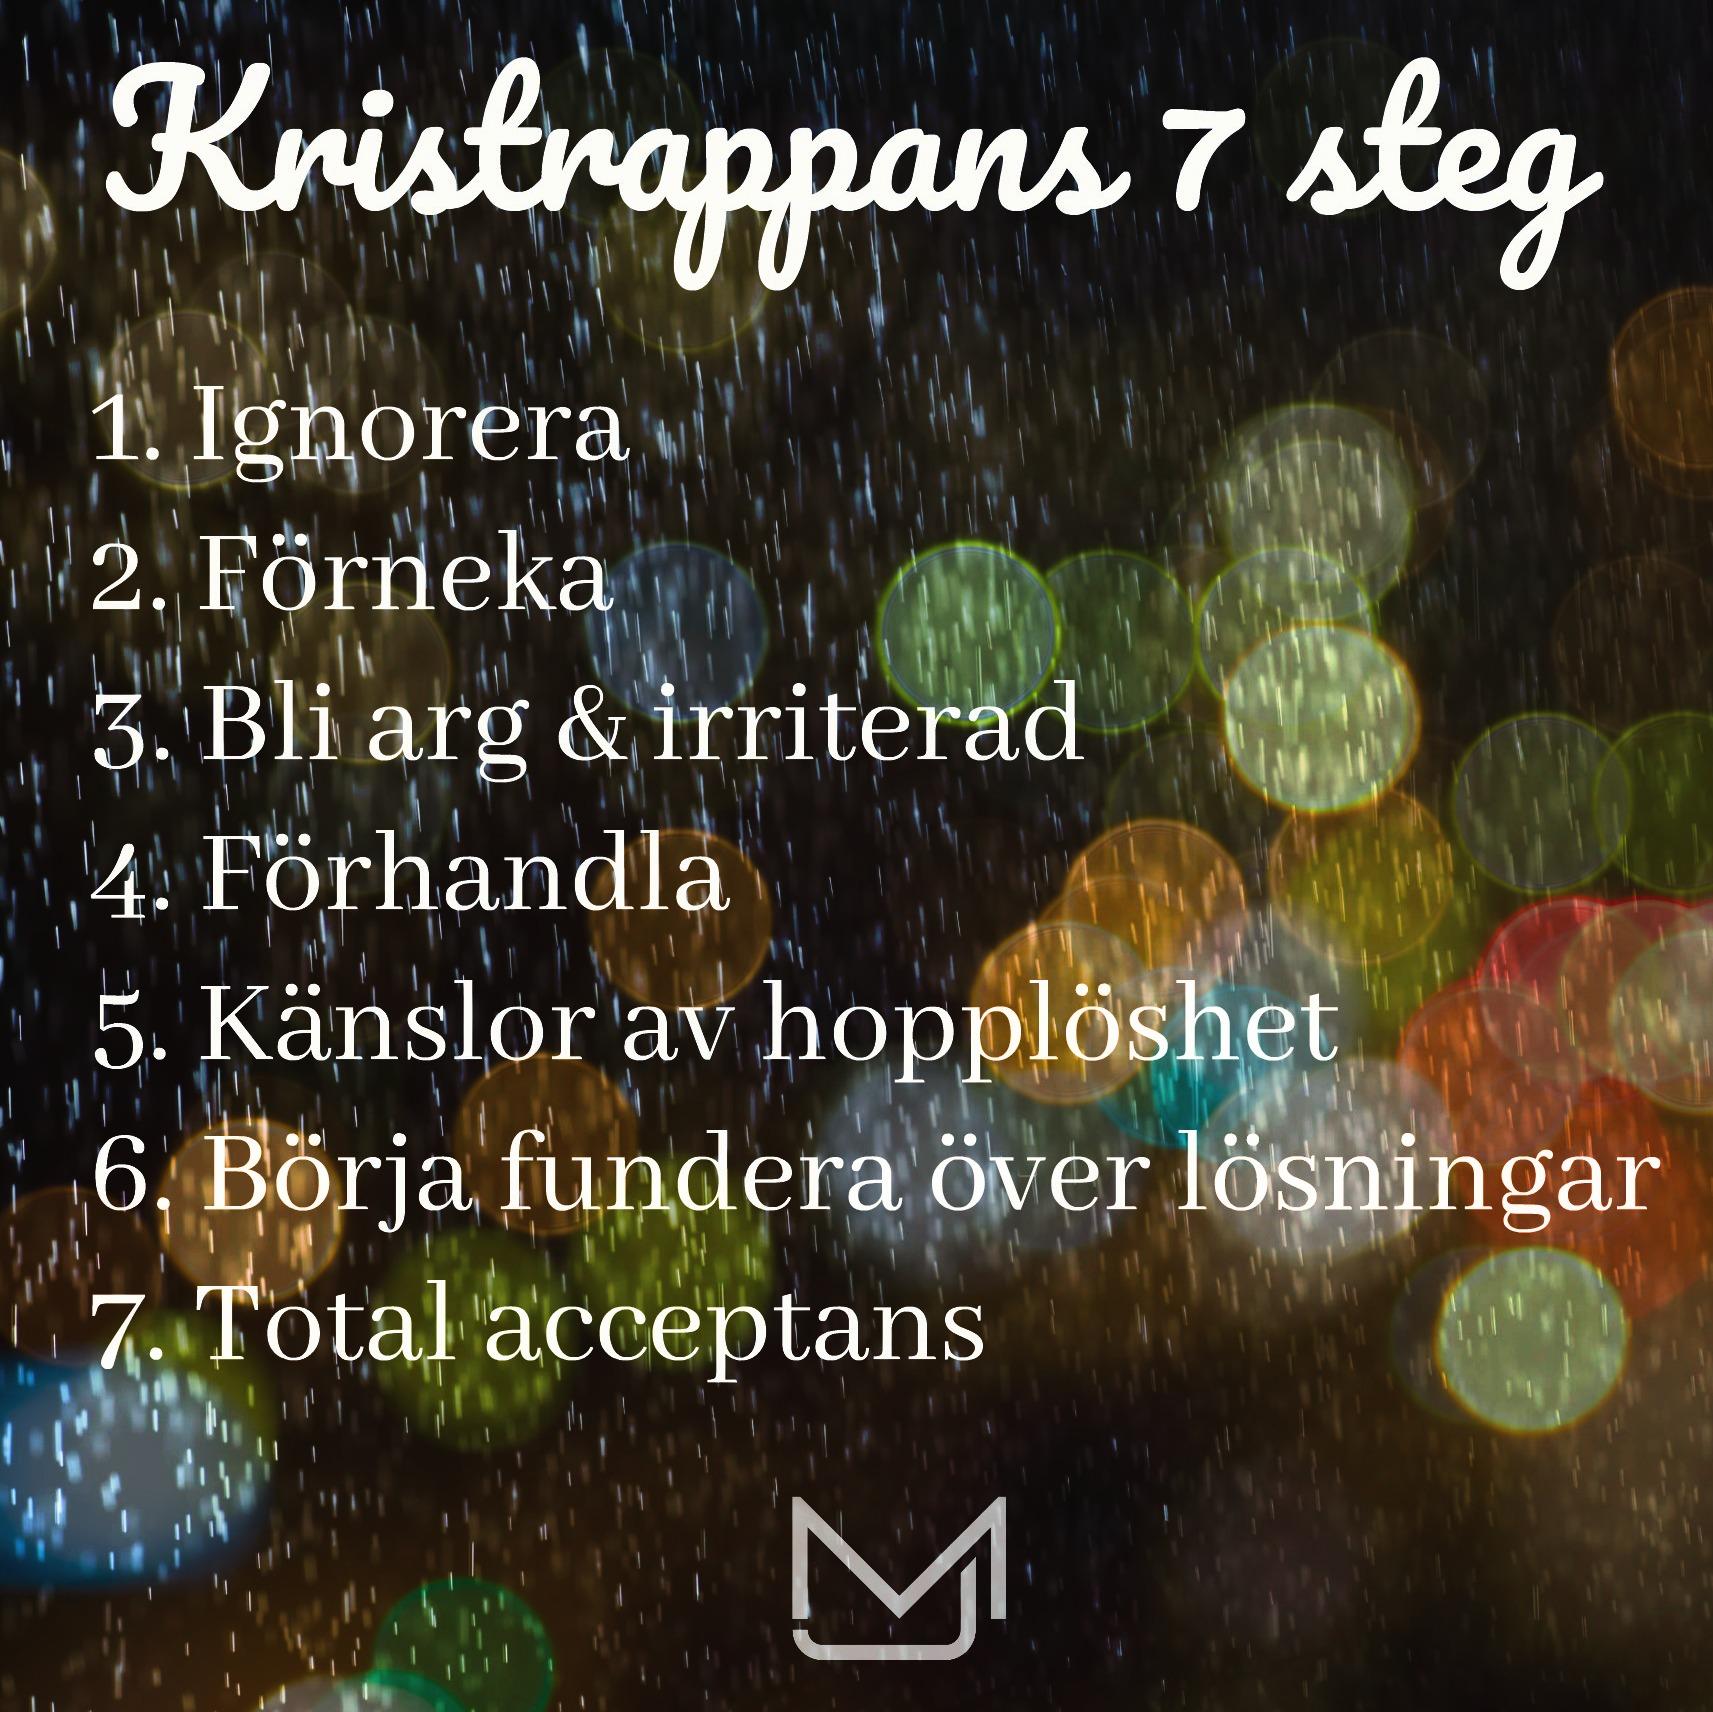 Kristrappans 7 steg